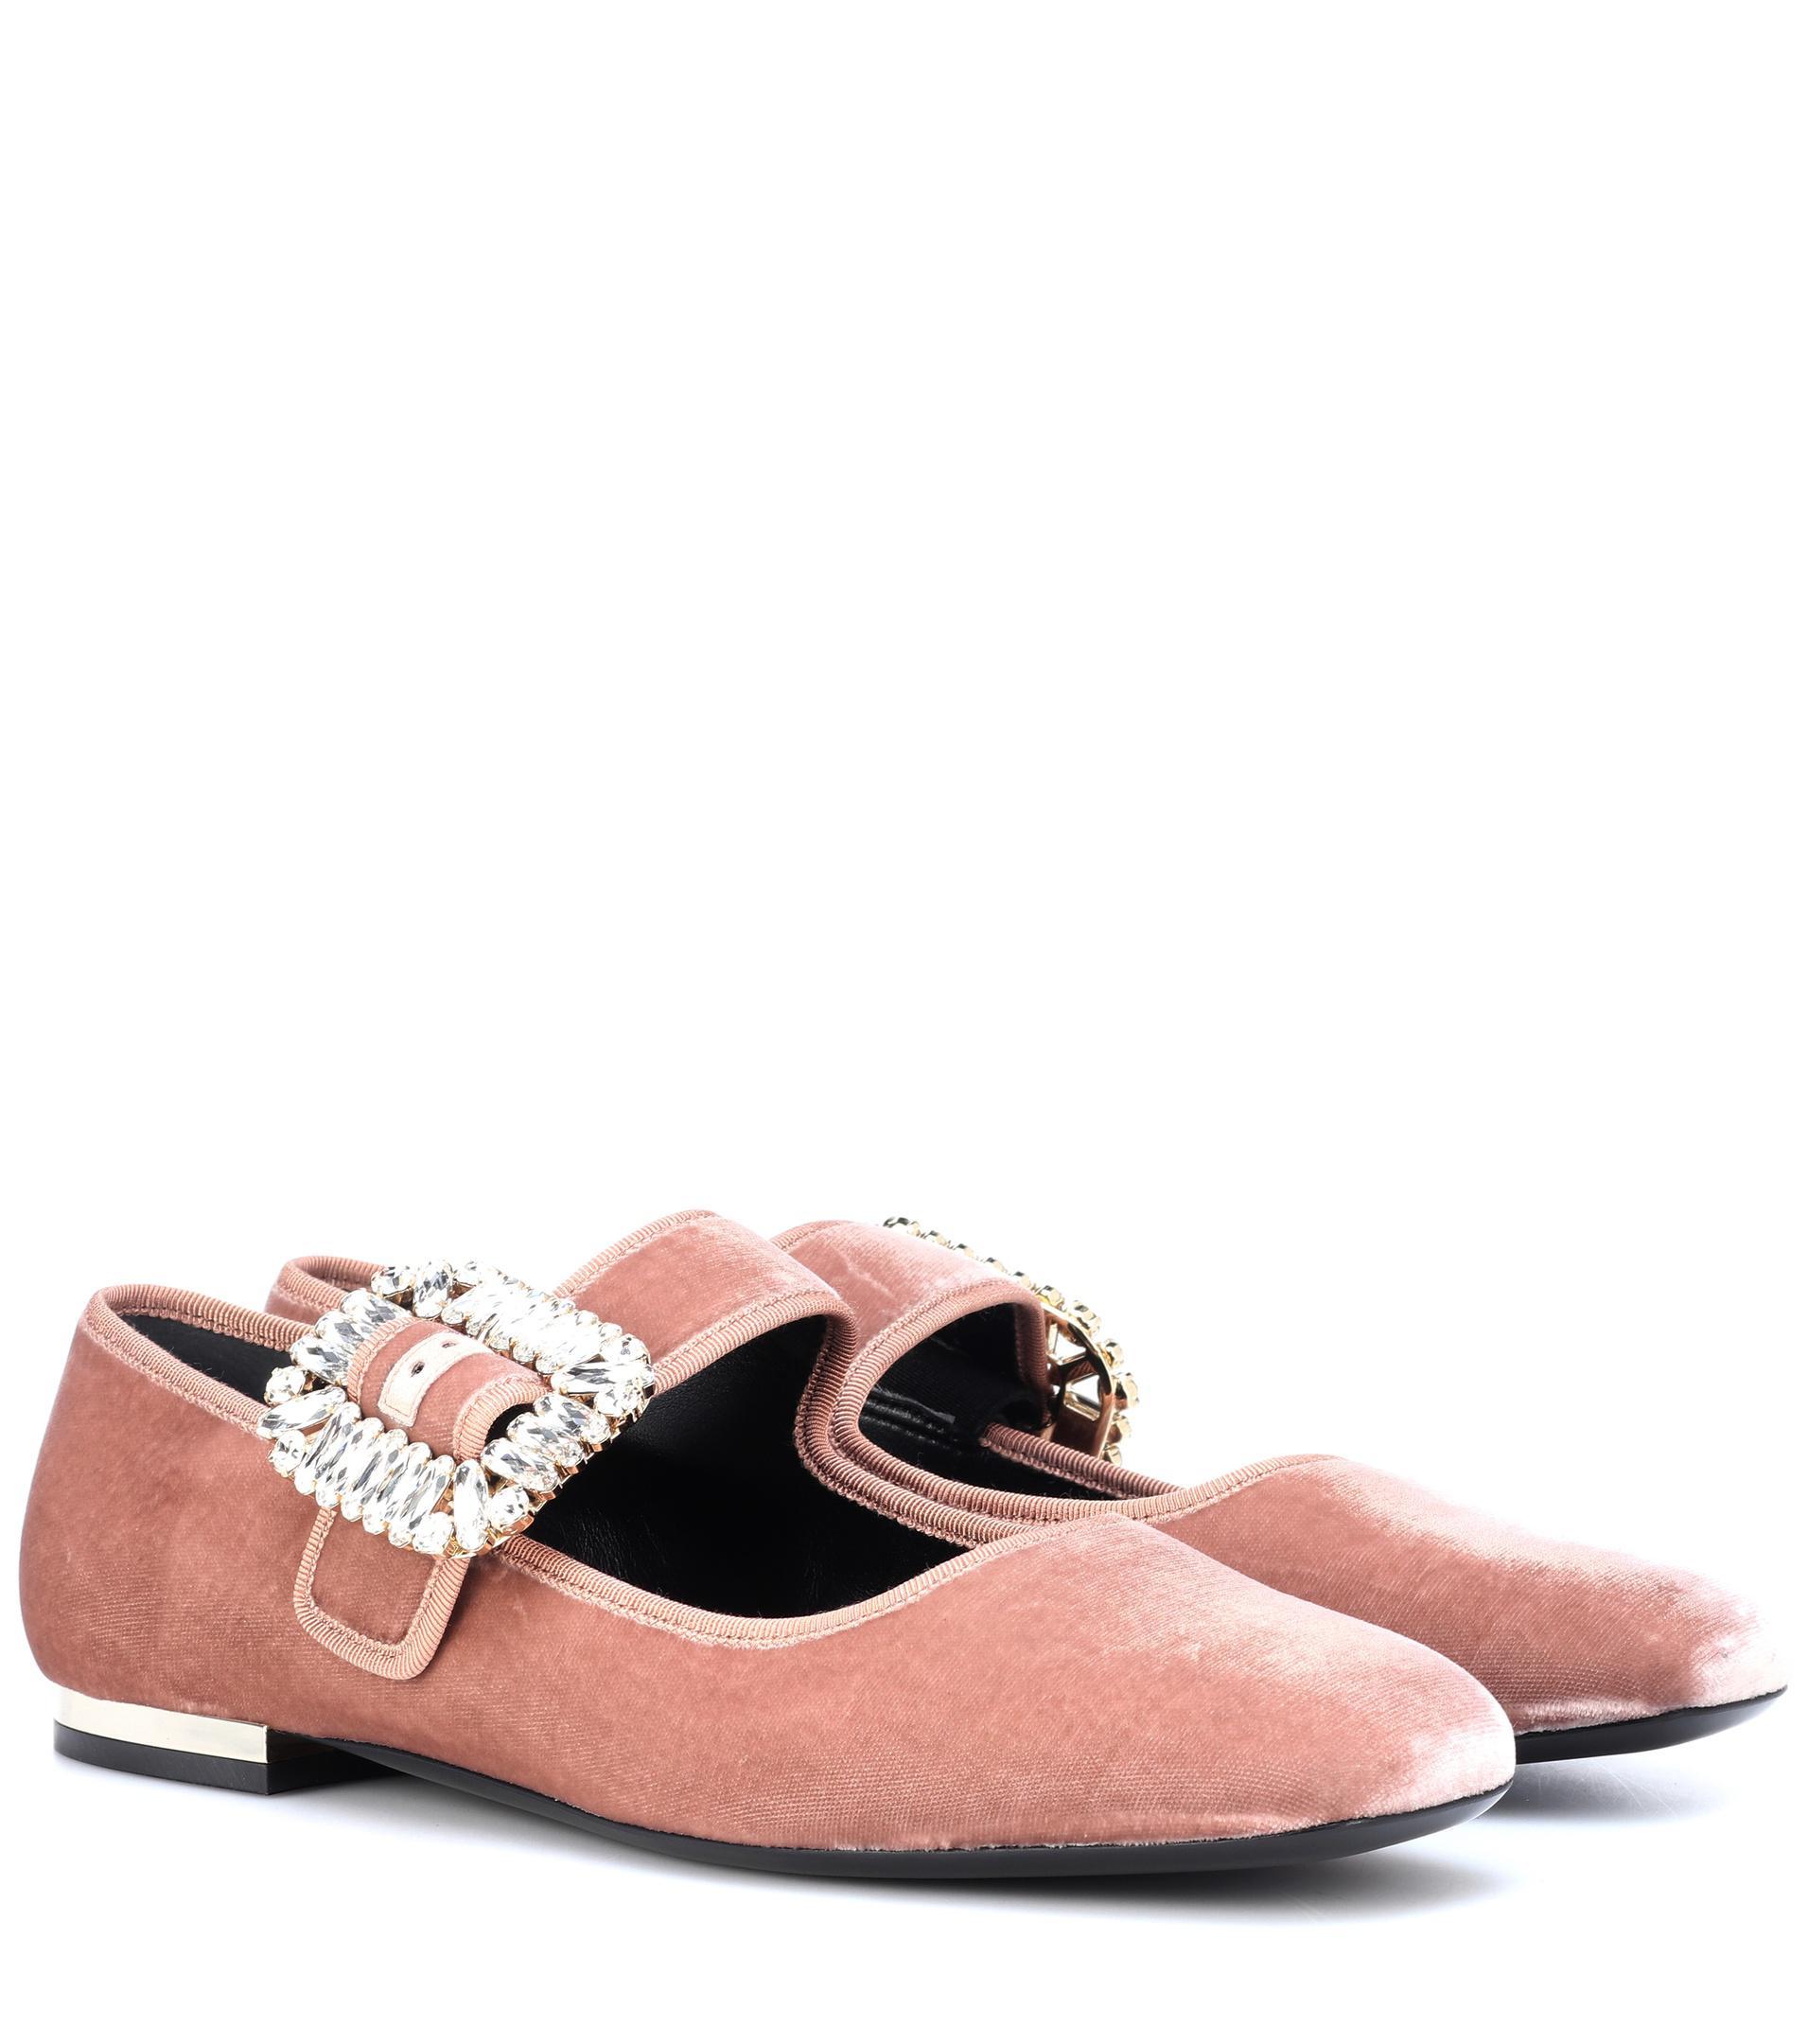 79c49fdacb Roger Vivier Viv Mary Jane Velvet Ballet Flats in Pink - Lyst